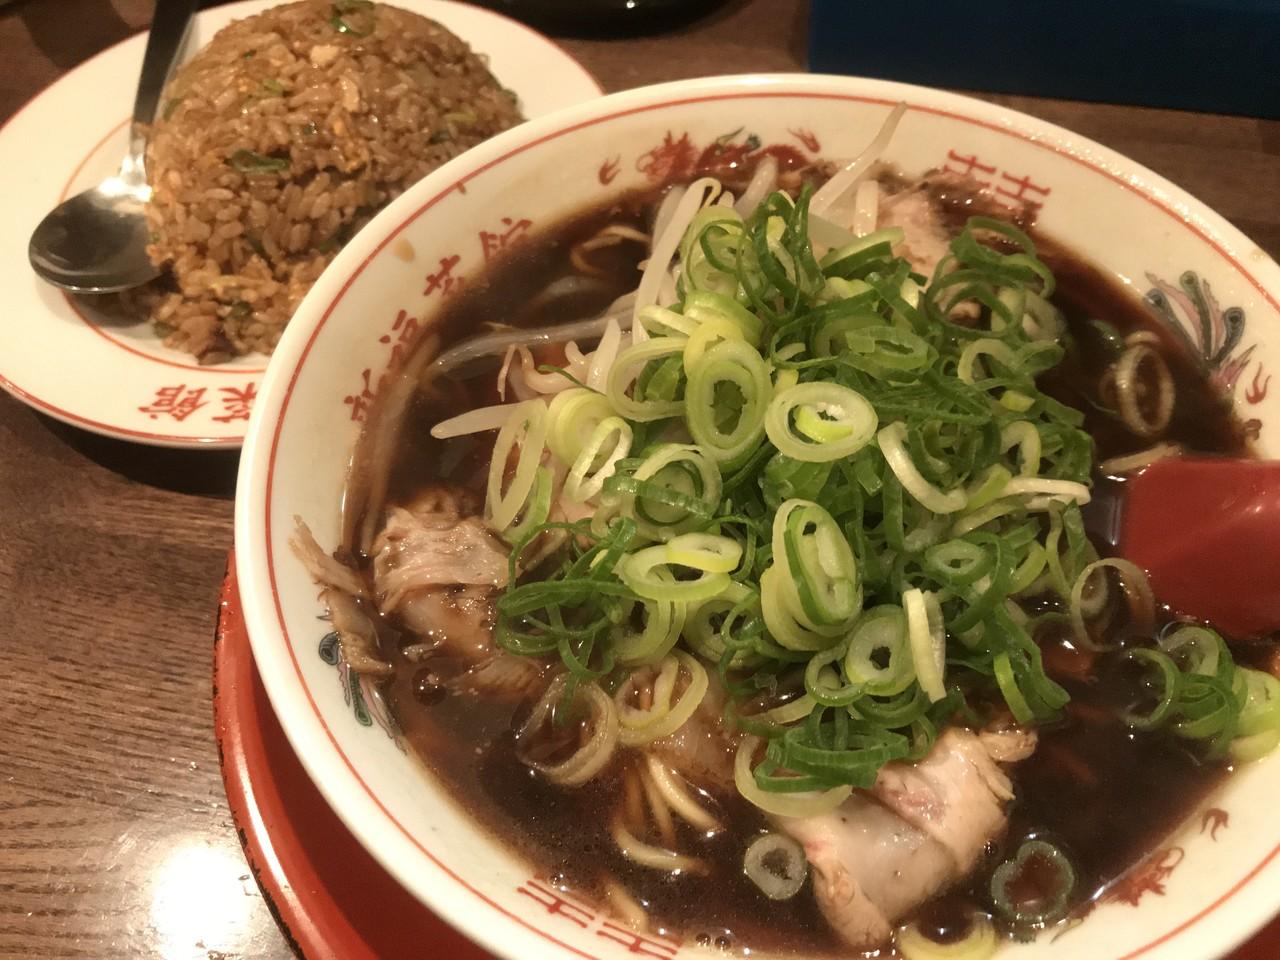 新福菜館 (麻布十番店) image